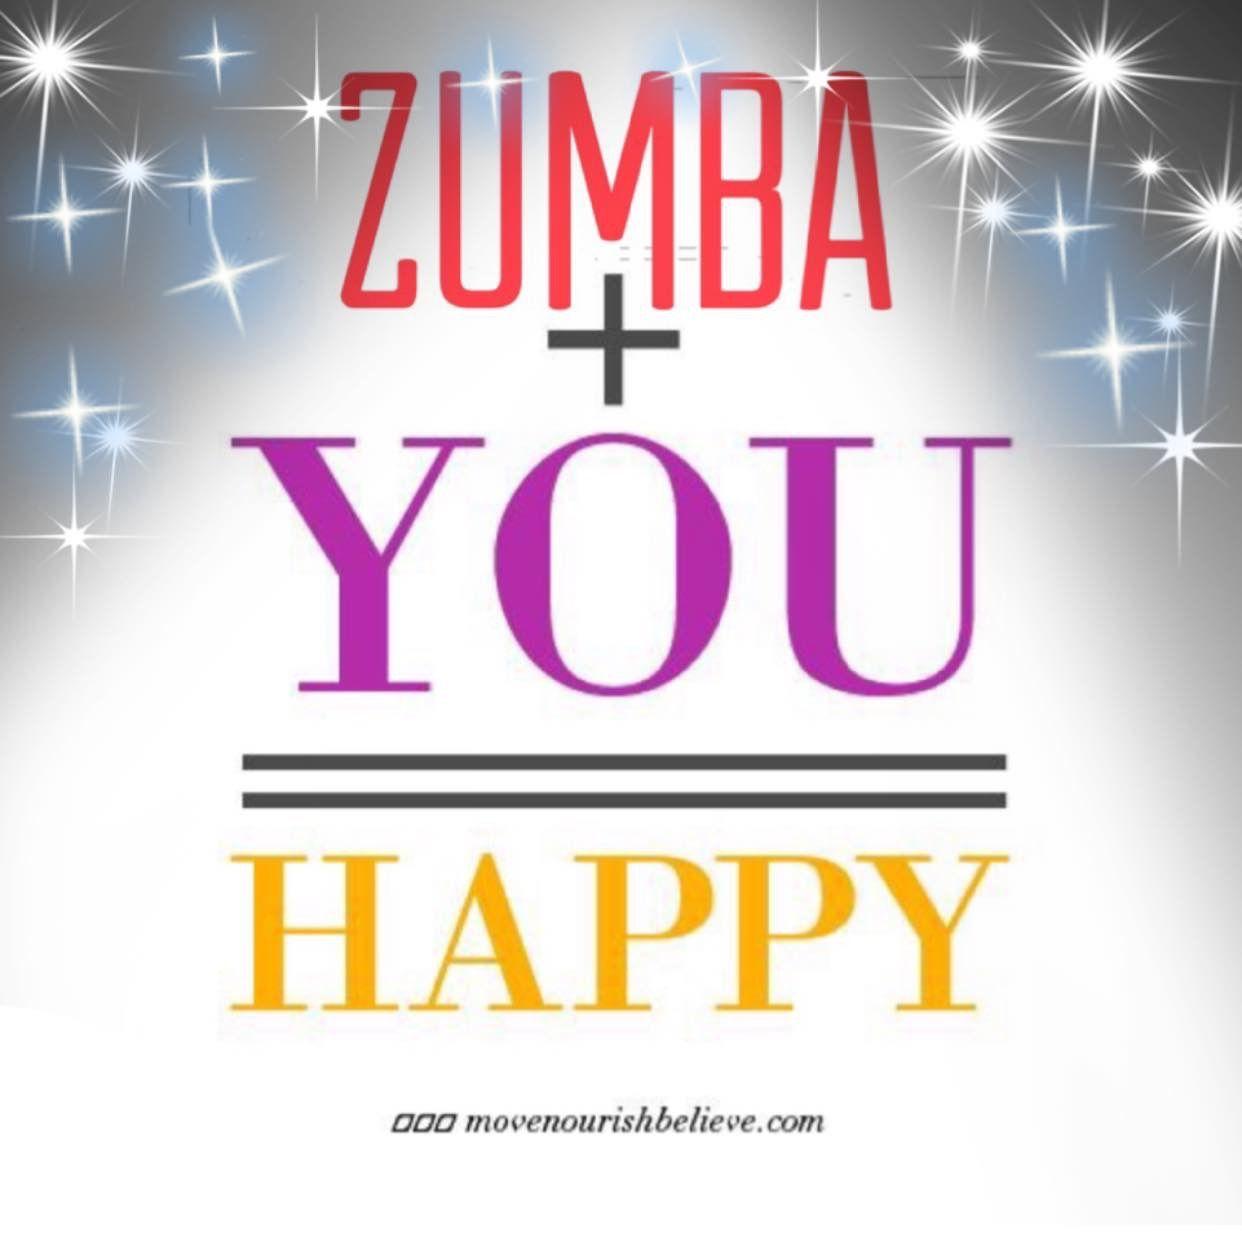 Zumba💜  Zumba quotes, Zumba funny, Zumba workout